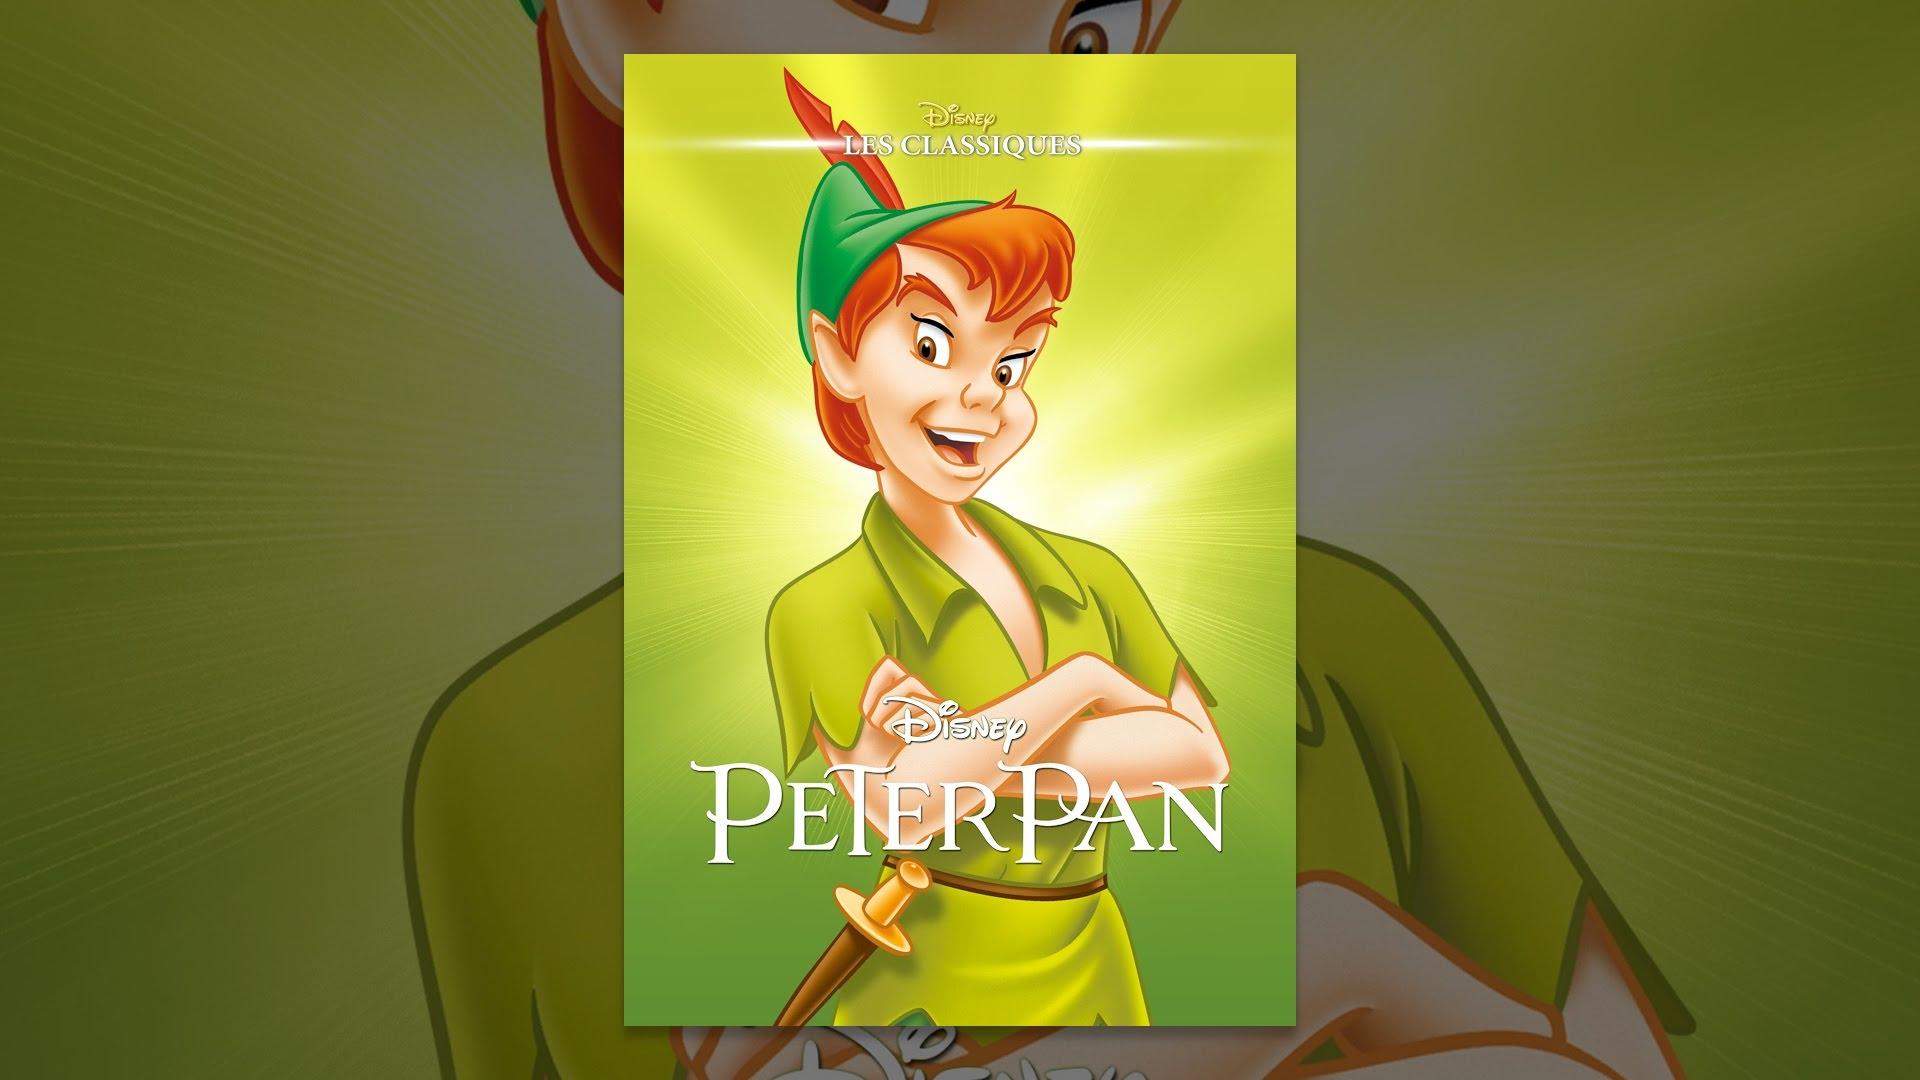 Peter pan release date in Perth